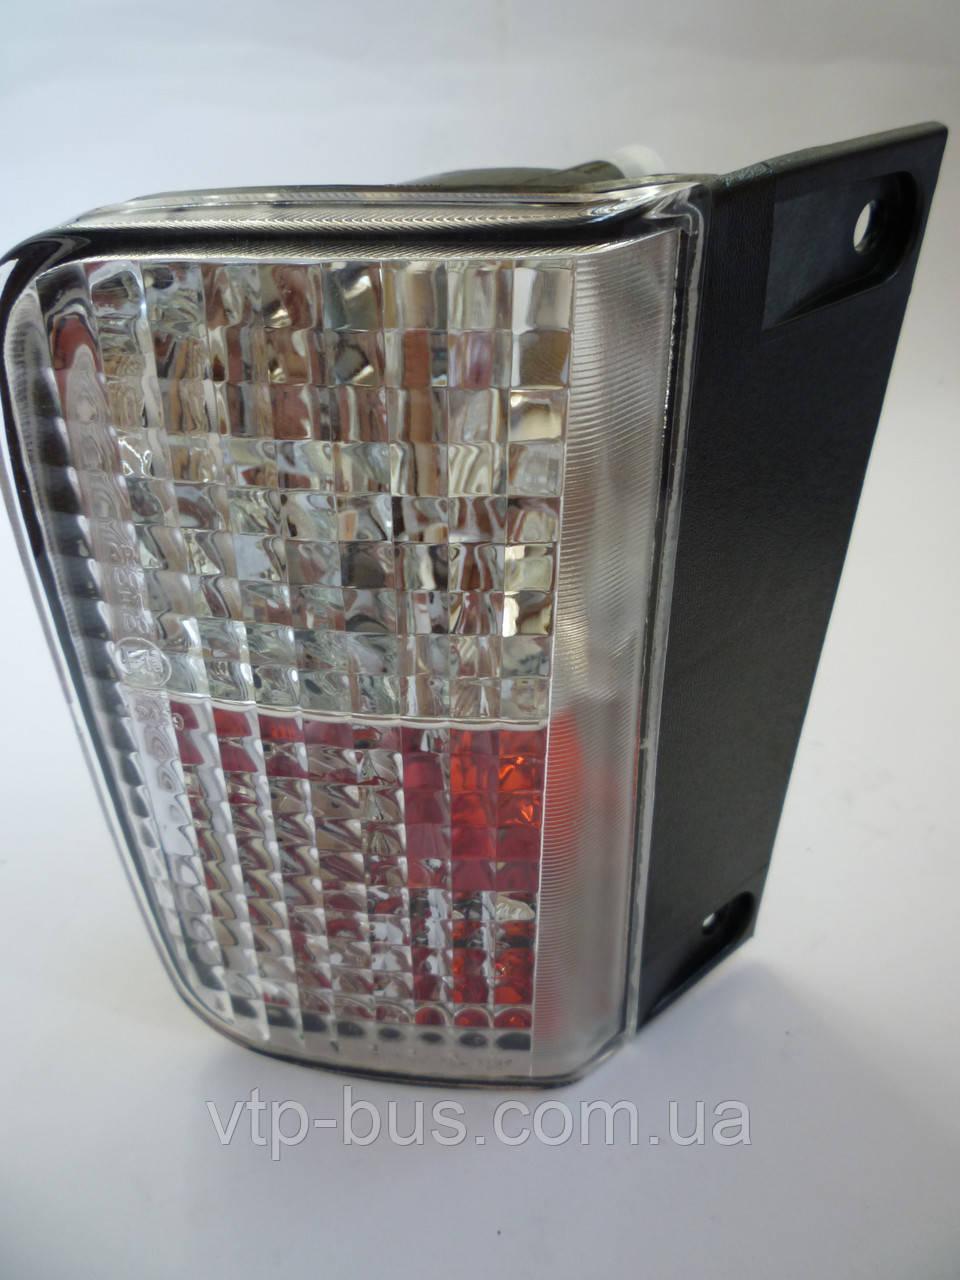 Задний противотуманный фонарь на Renault Trafic 2001... (левый) — TYC (Тайвань) - TYC 19-0662-01-2